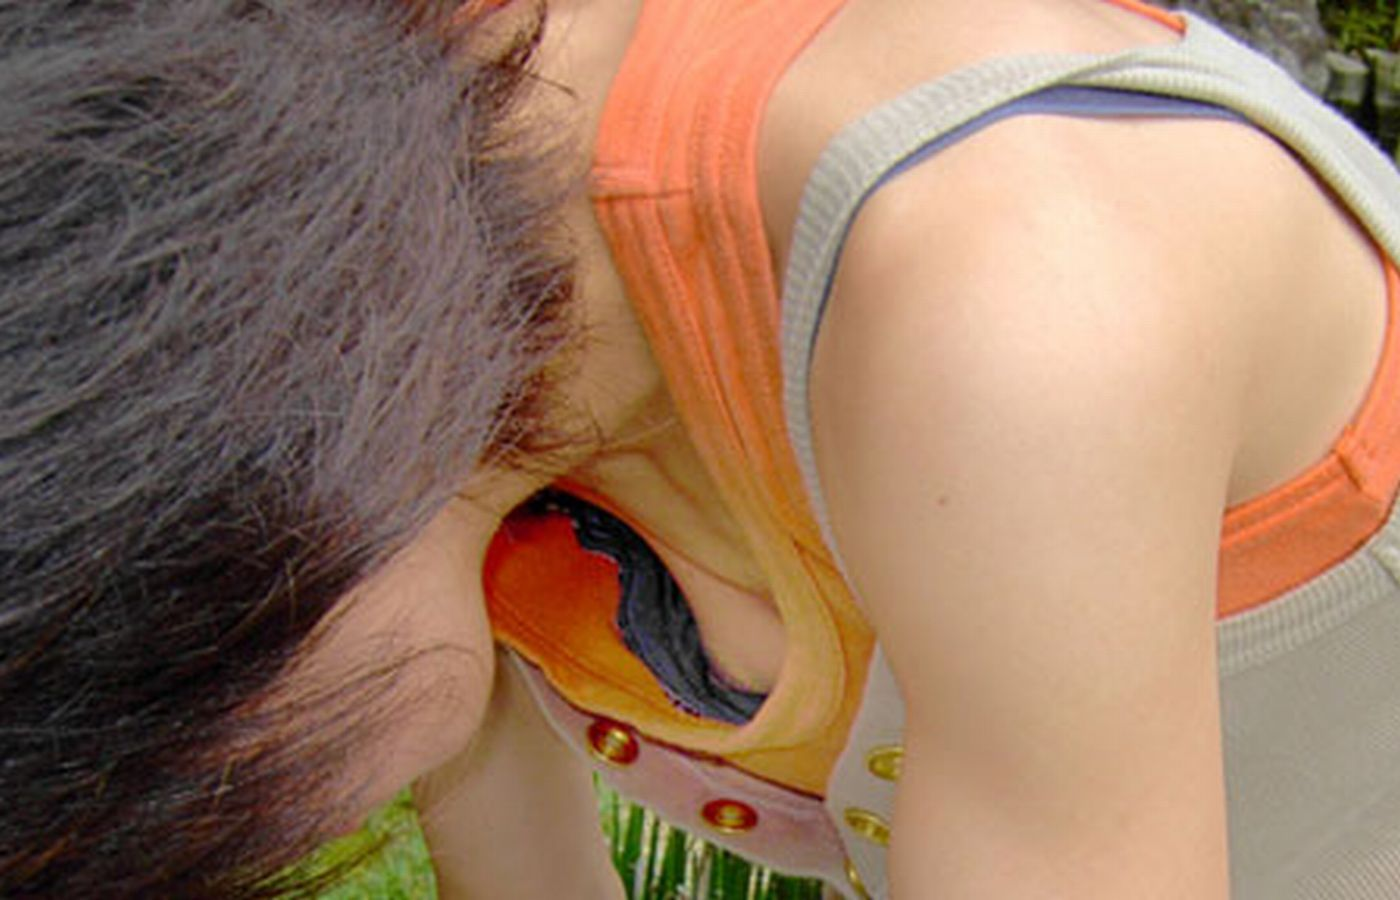 【胸チラエロ画像】乳首が溢れることもある胸チラが豪快すぎて目が離せねーwwww その3